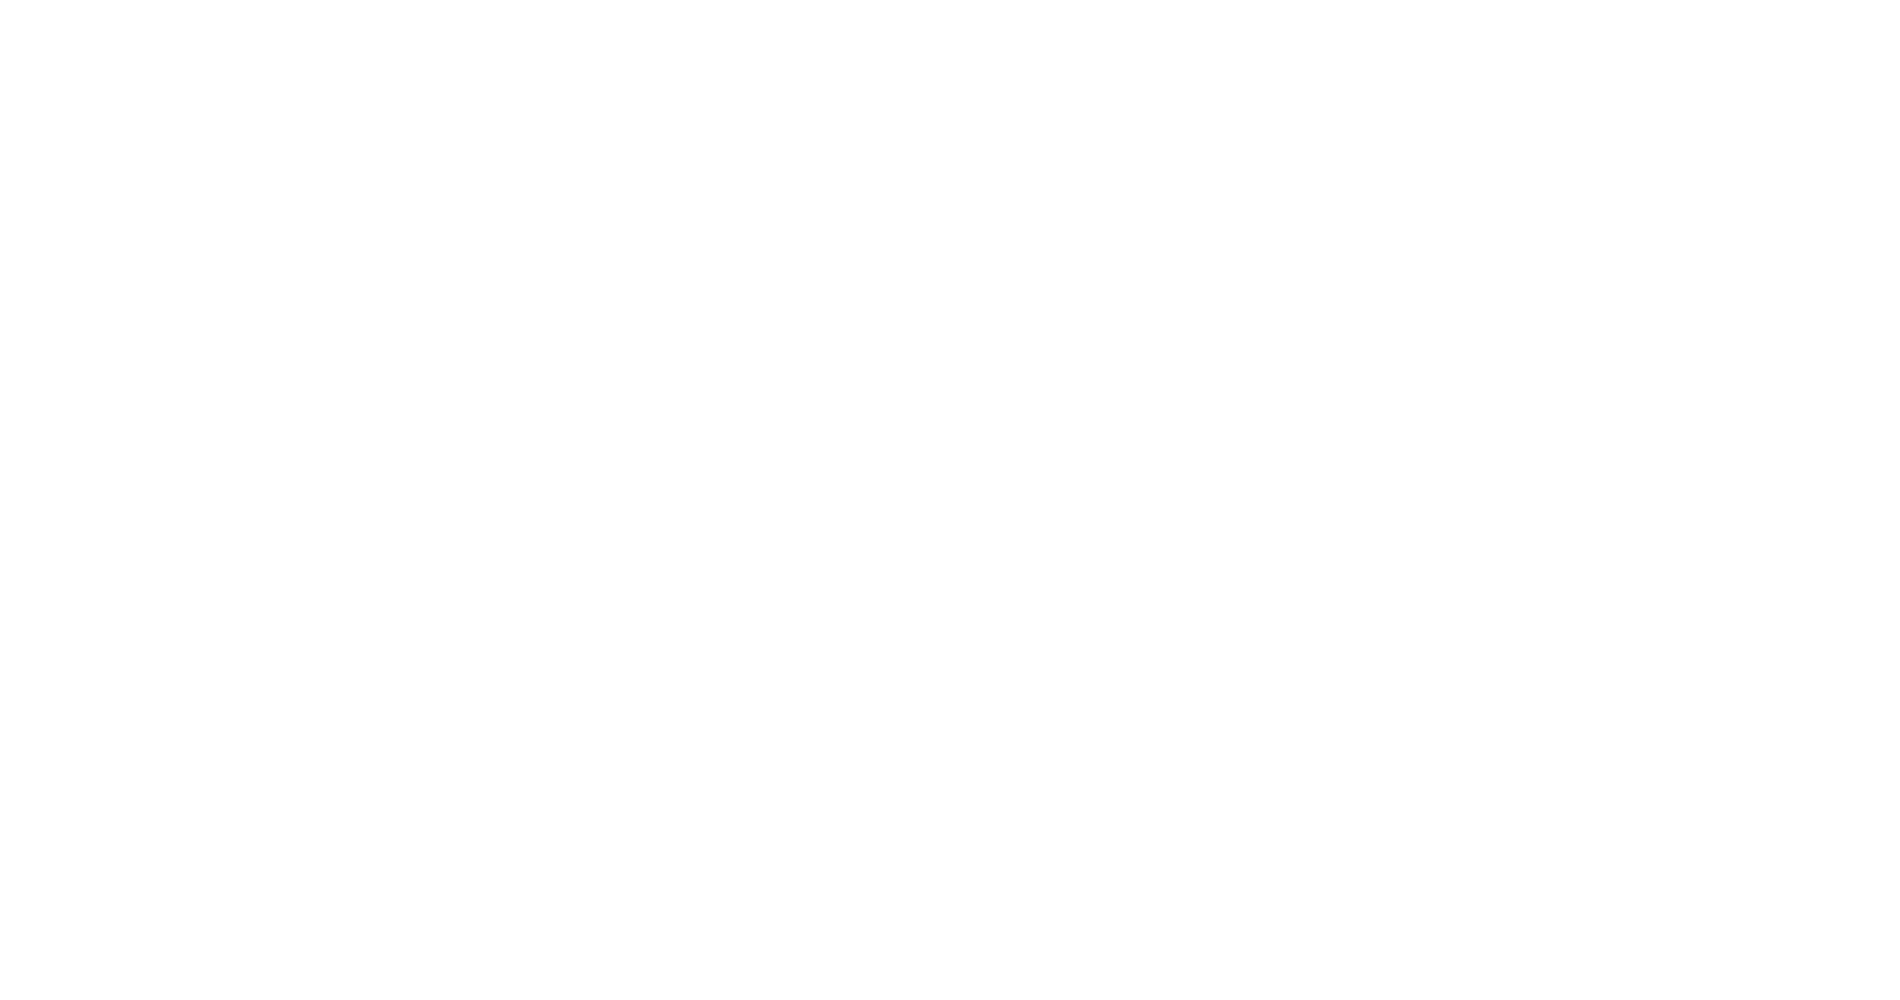 transparent - photo #4